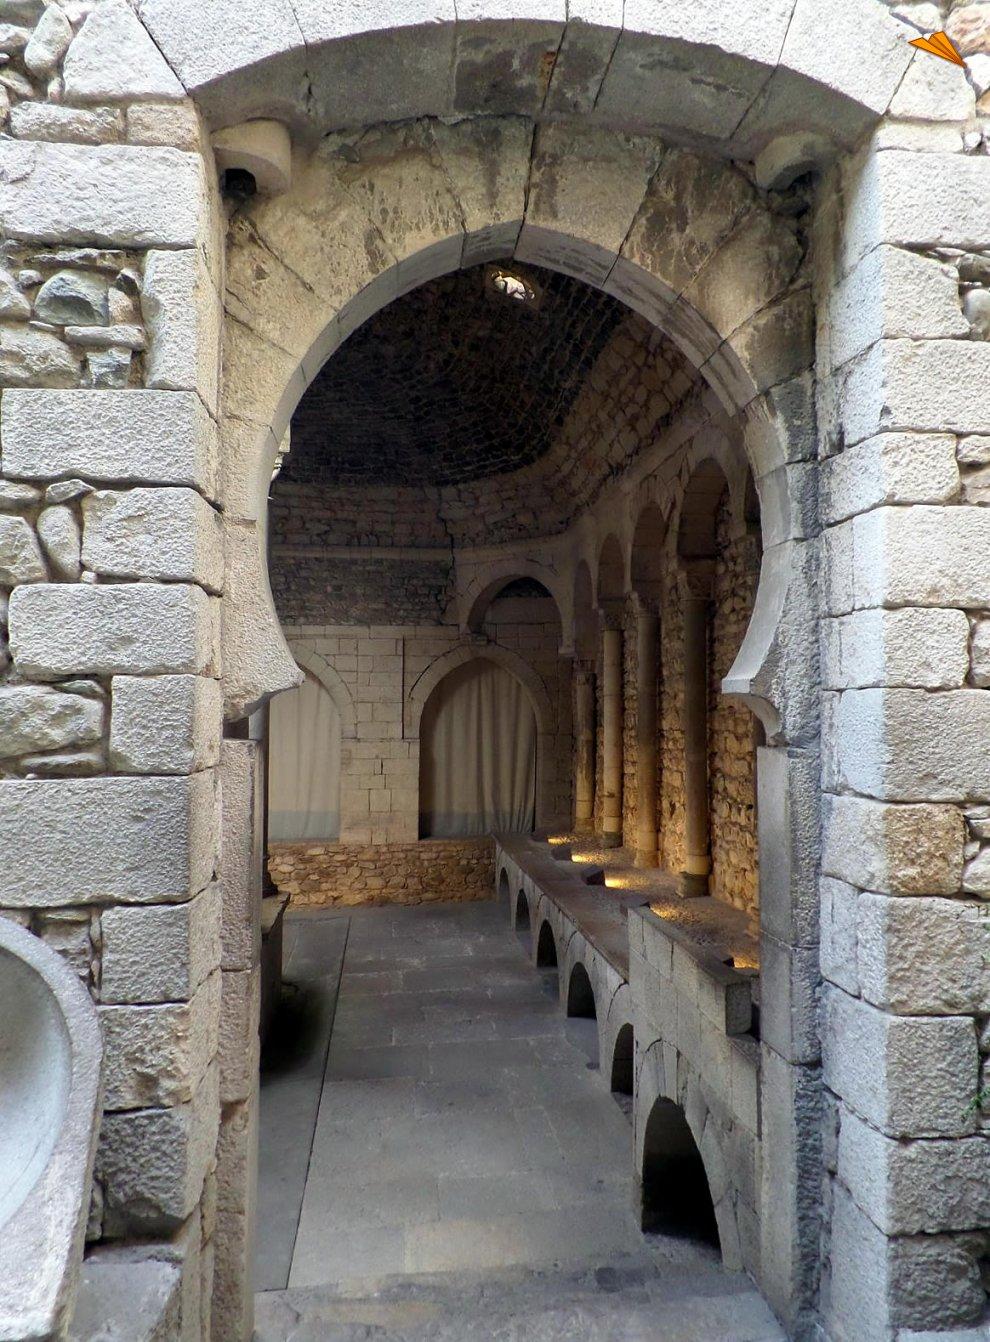 Baños Romanos Girona:Entrada de los Baños Árabes de Gerona Fotos de viajes Turismo